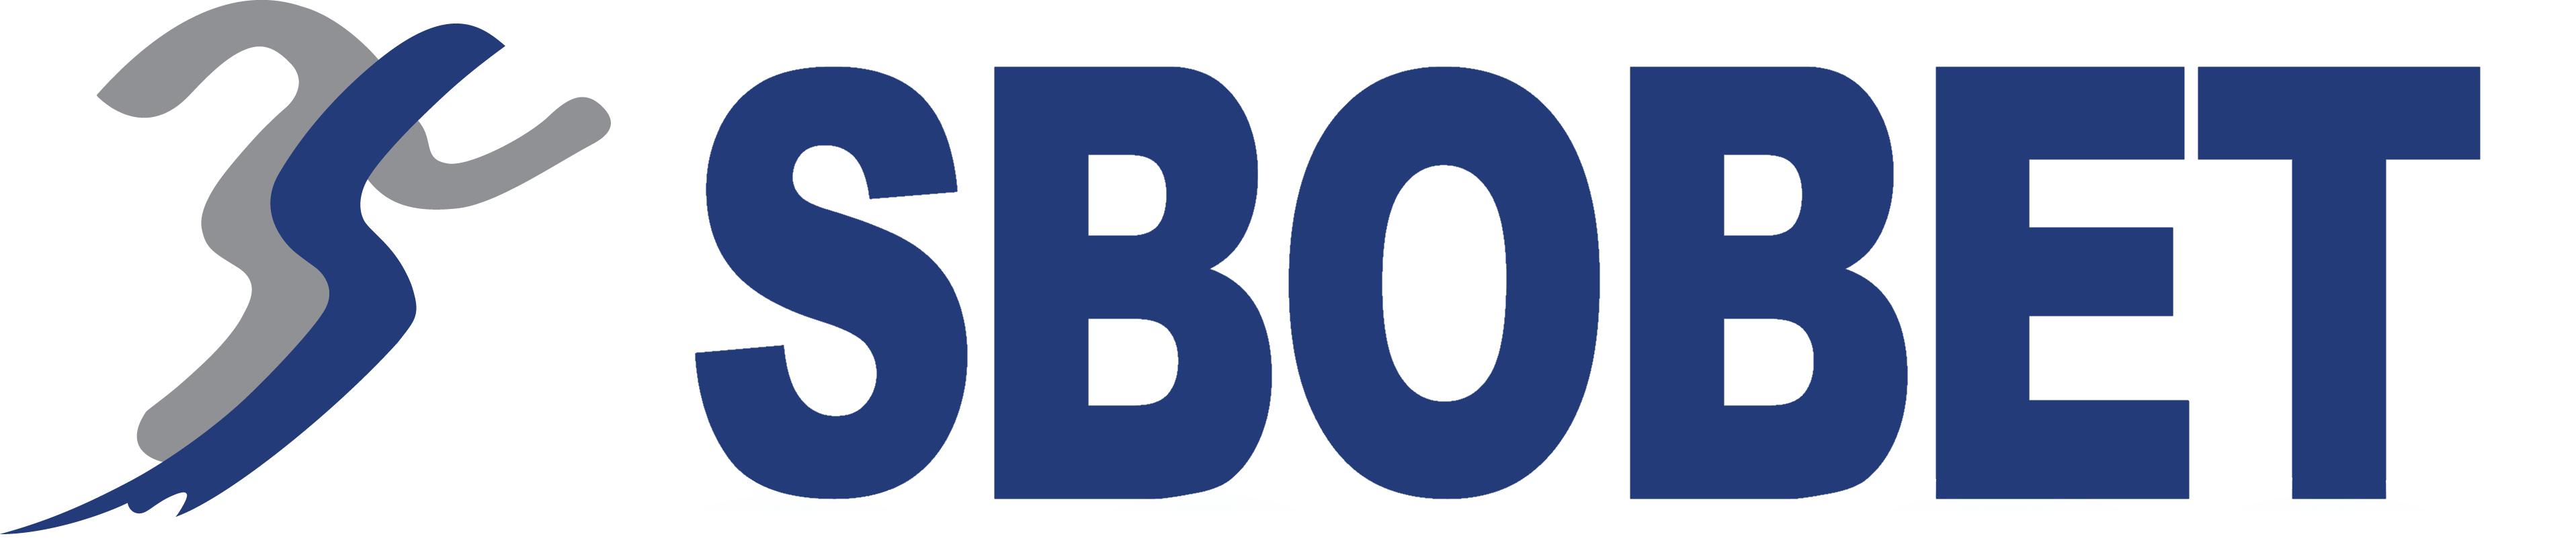 sbobet เว็บแทงบอลสโบ ตัวแทนอย่างเป็นทางการแห่งประเทศไทย